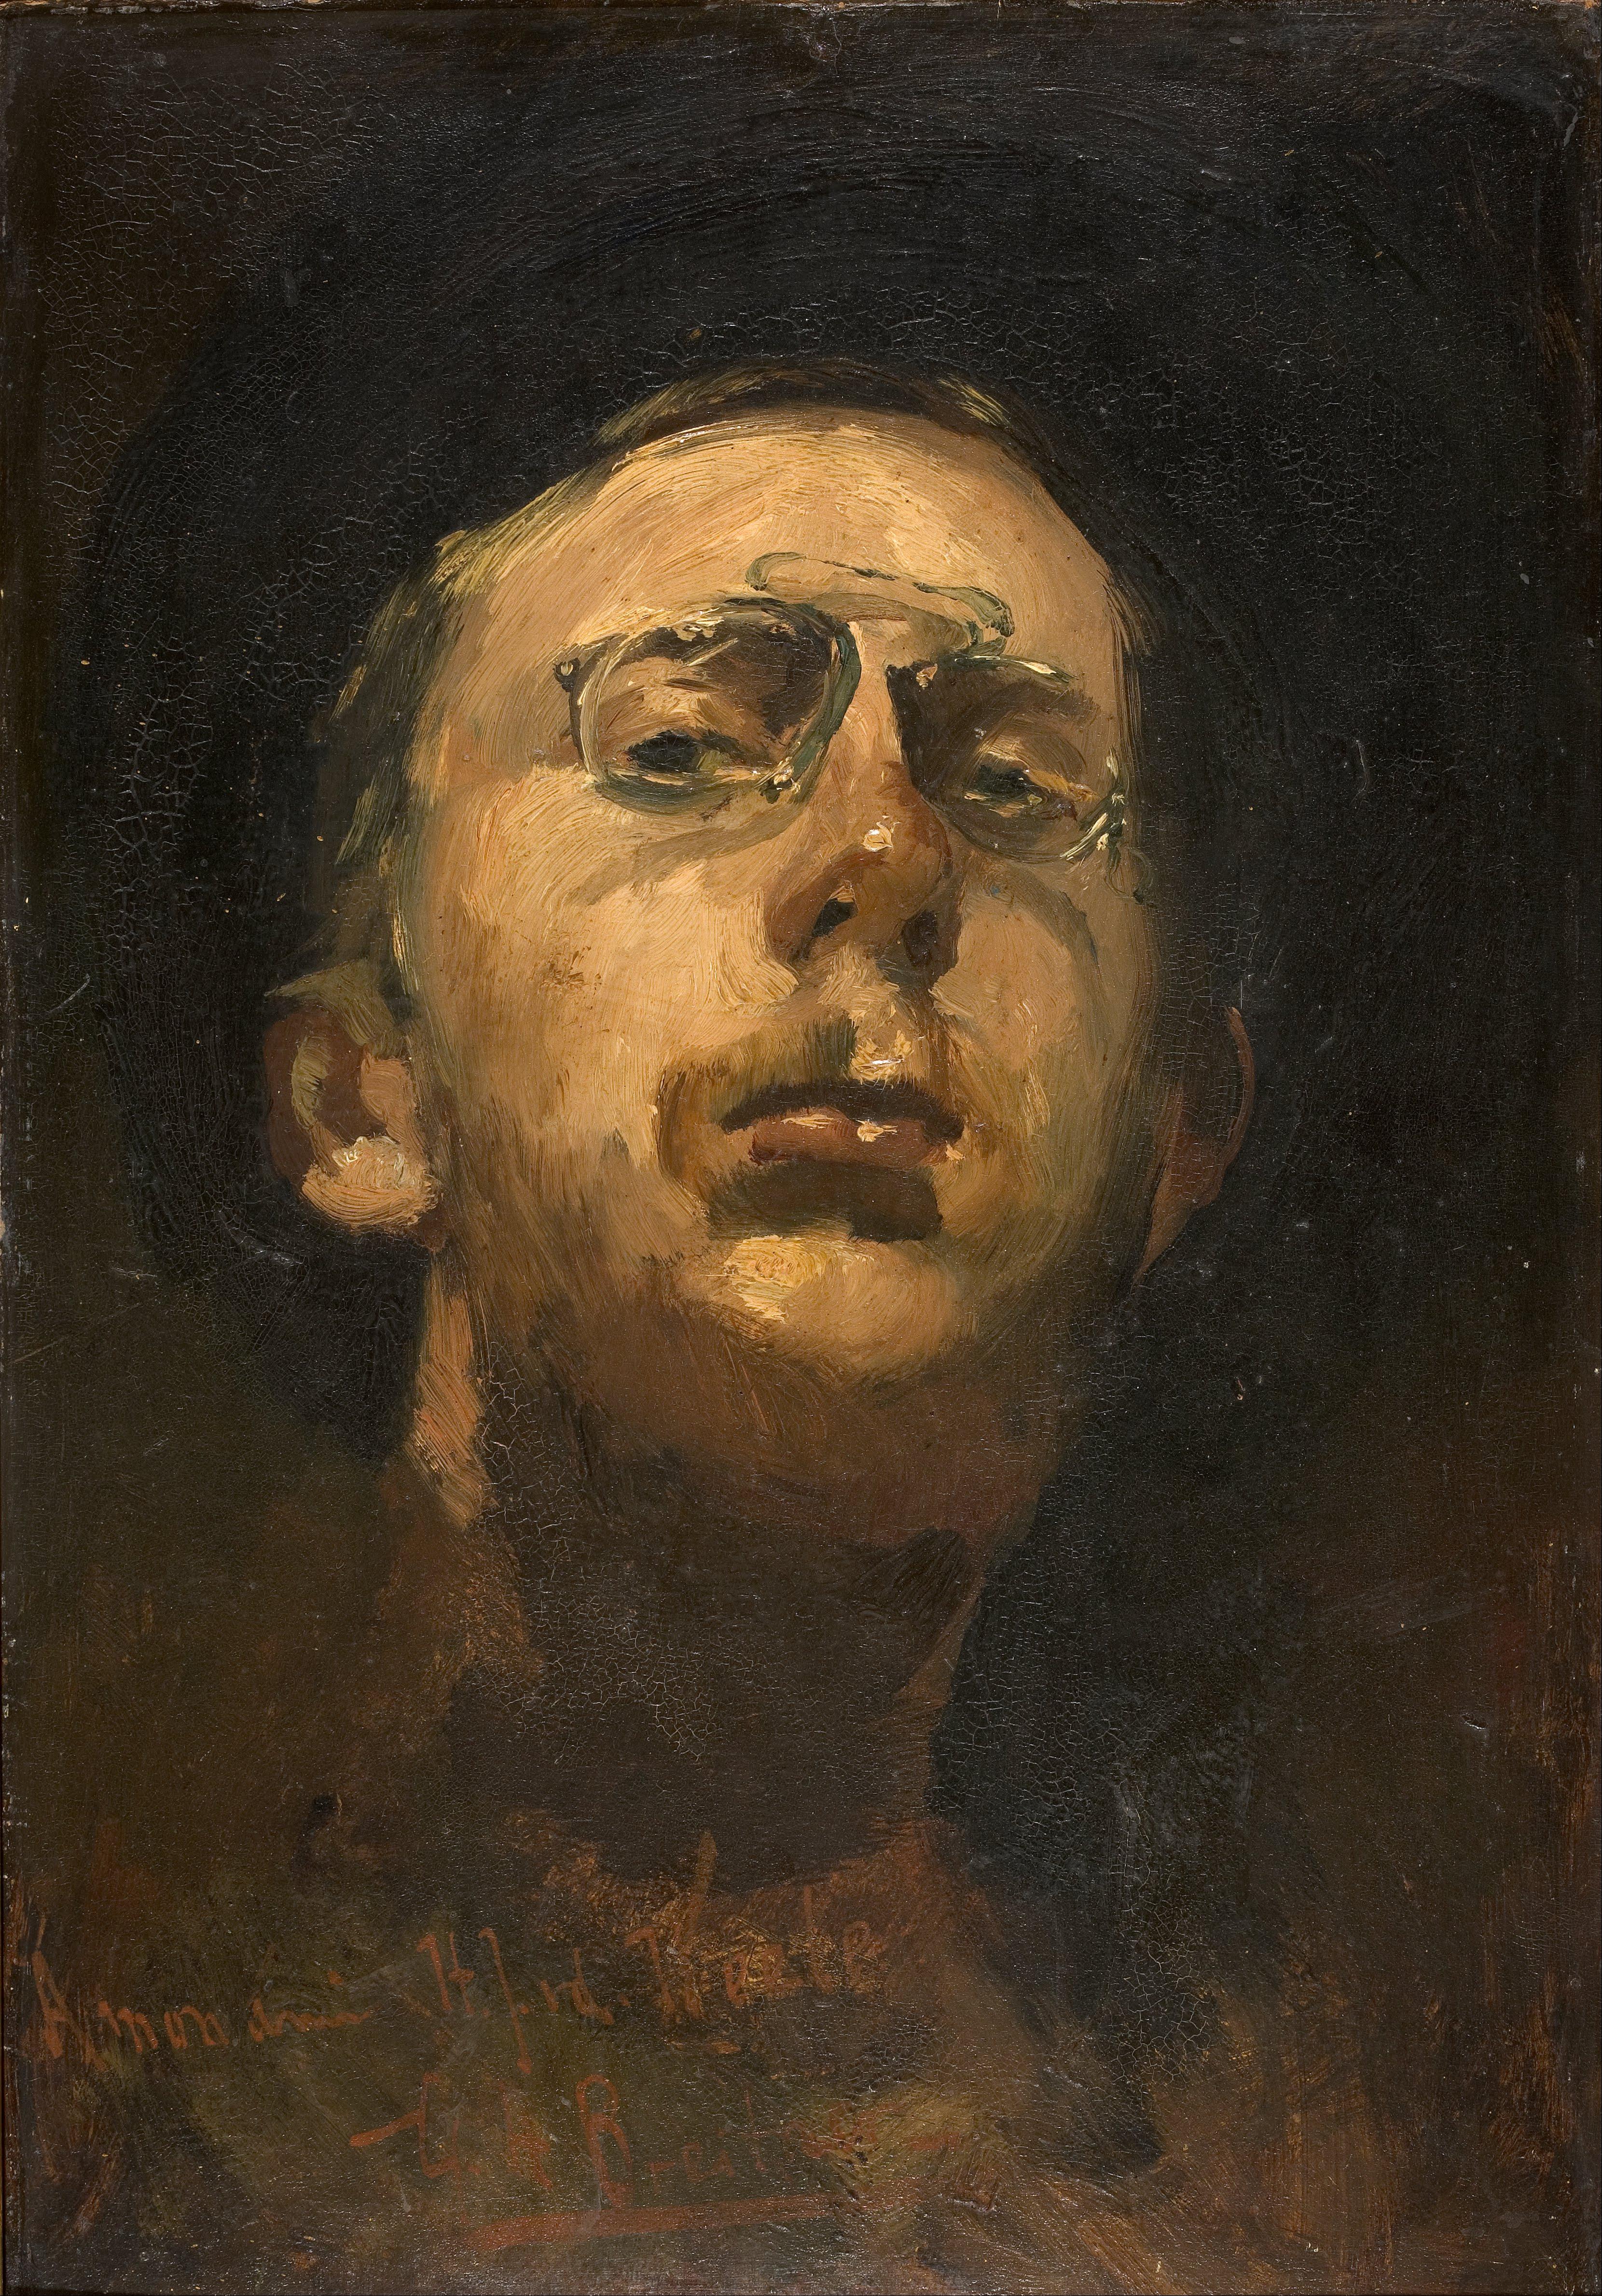 Image of Georg-Hendrik Breitner from Wikidata